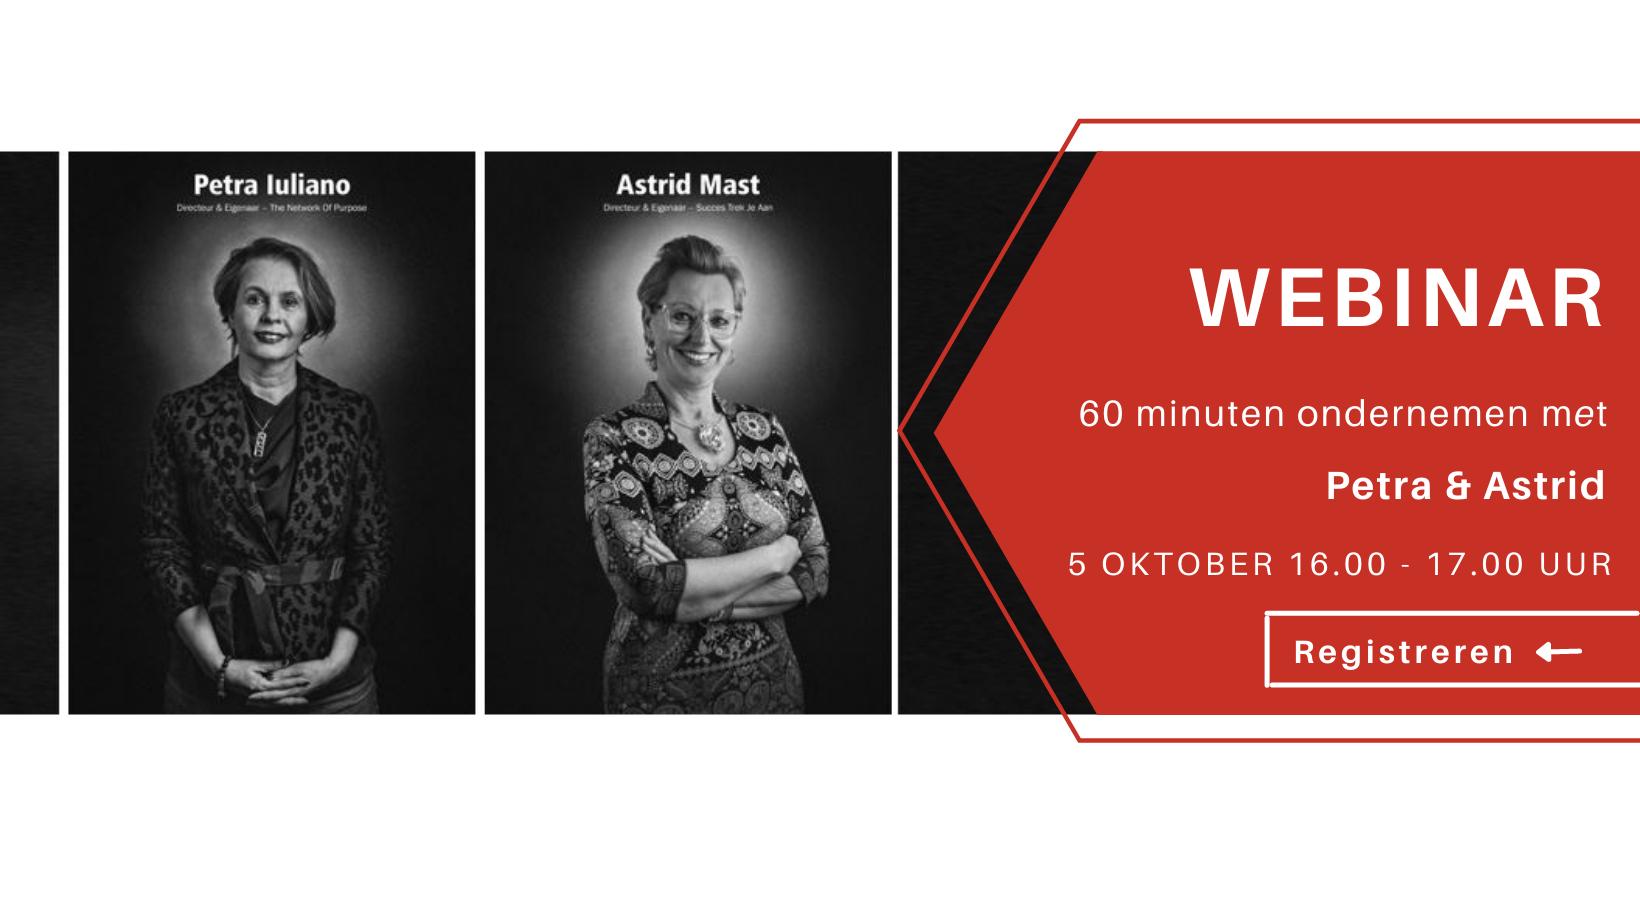 Webinar-60-minuten-ondernemen-met-Astrid-Mast-en-Petra-Iuliano-www.inspiredbycor.nl_.png